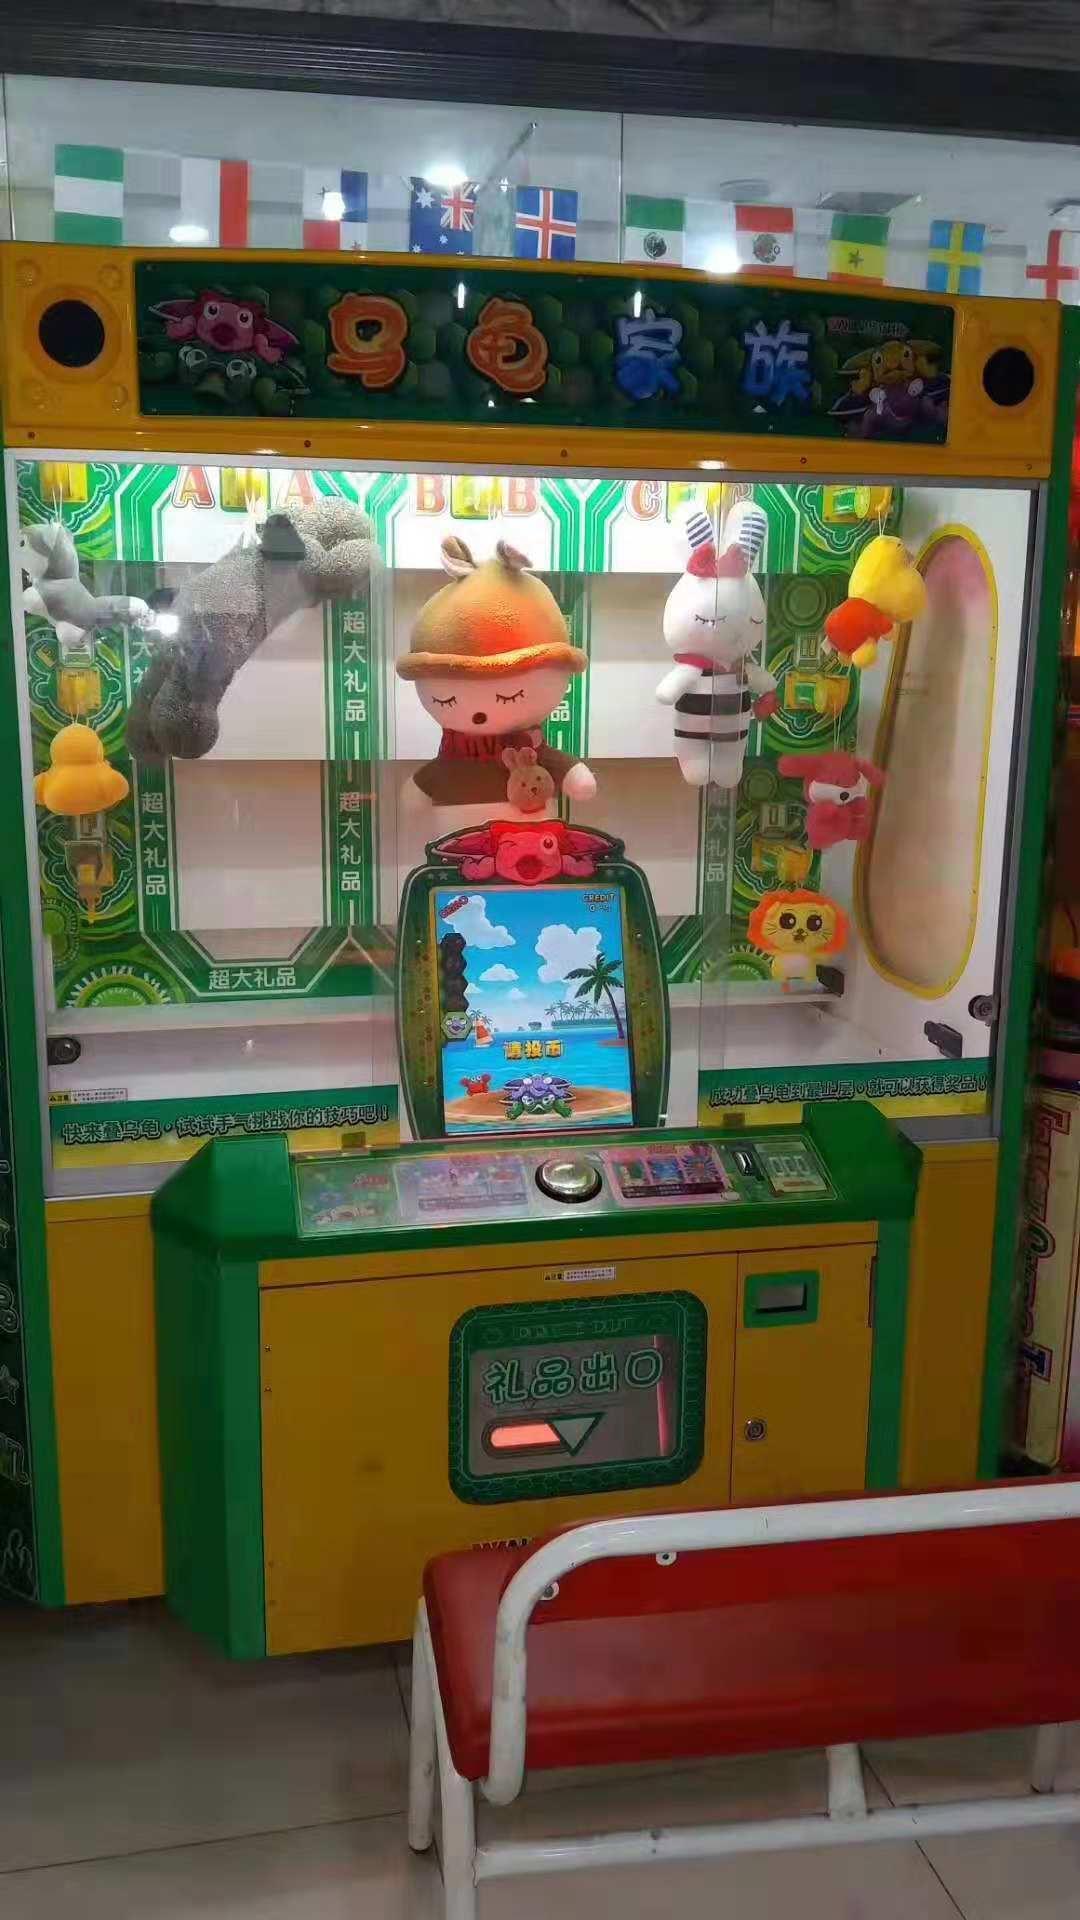 深圳电玩城游戏机回收 回收电玩城动漫机厂家 回收电玩城设备报价 动漫机回收 电玩城游戏机回收 深圳电玩城游戏机